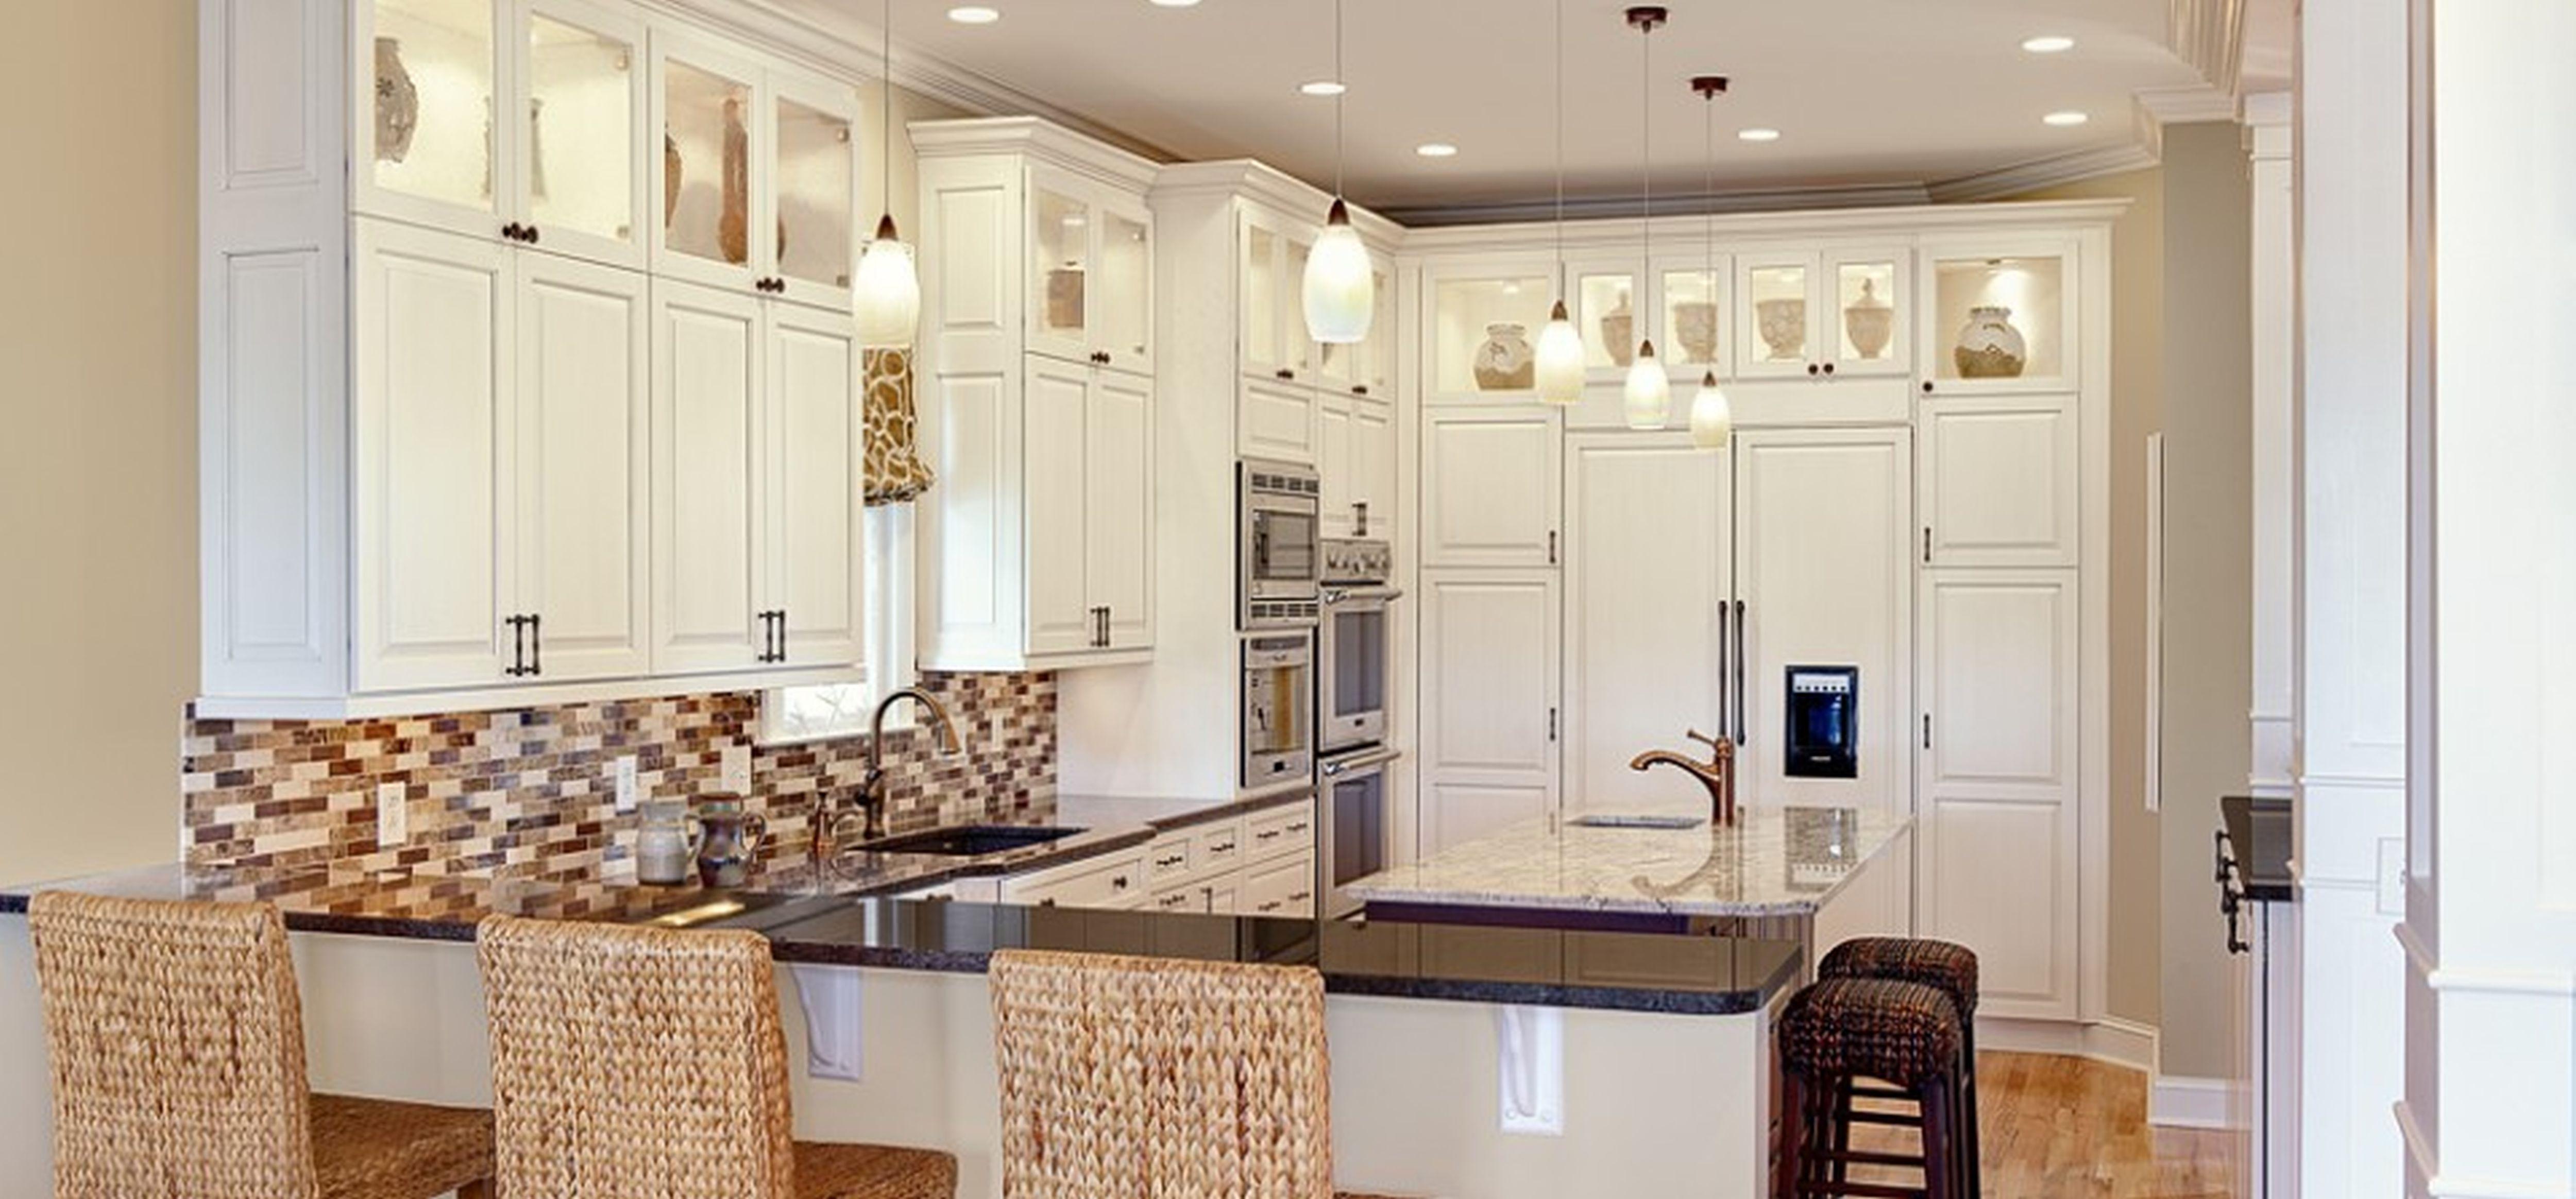 Amazing Virtual Design A Kitchen http//www.kitchenstir